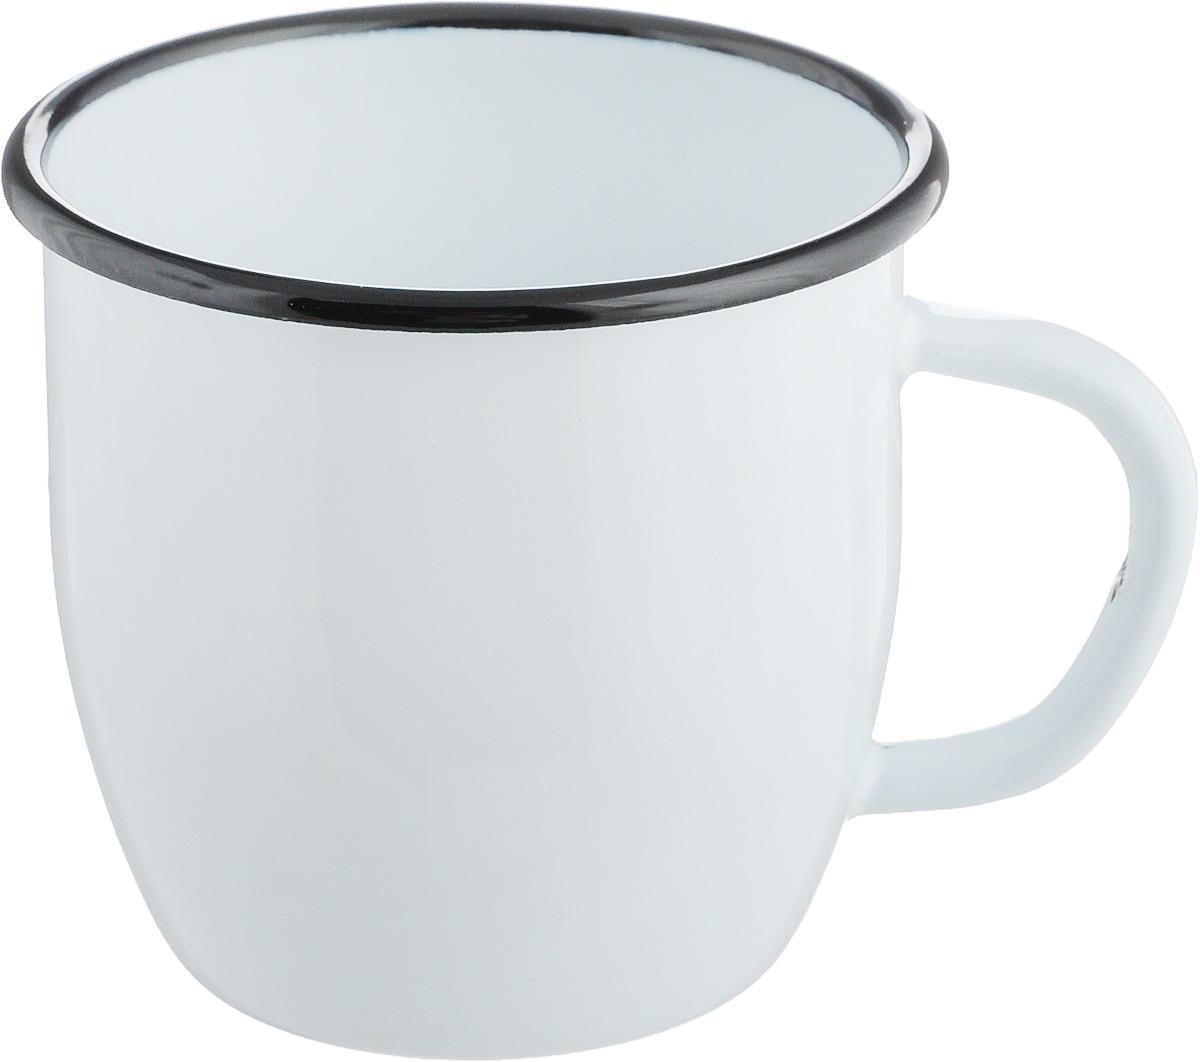 """Кружка """"Лысьвенские эмали"""" изготовлена из высококачественной стали с эмалированным покрытием. Она оснащена удобной ручкой. Такая кружка не требует особого ухода и ее легко мыть.Благодаря классическому дизайну и удобству в использовании кружка займет достойное место на вашей кухне. Внутренний диаметр кружки: 7 см.Внешний диаметр: 8 см.Высота: 7 см."""